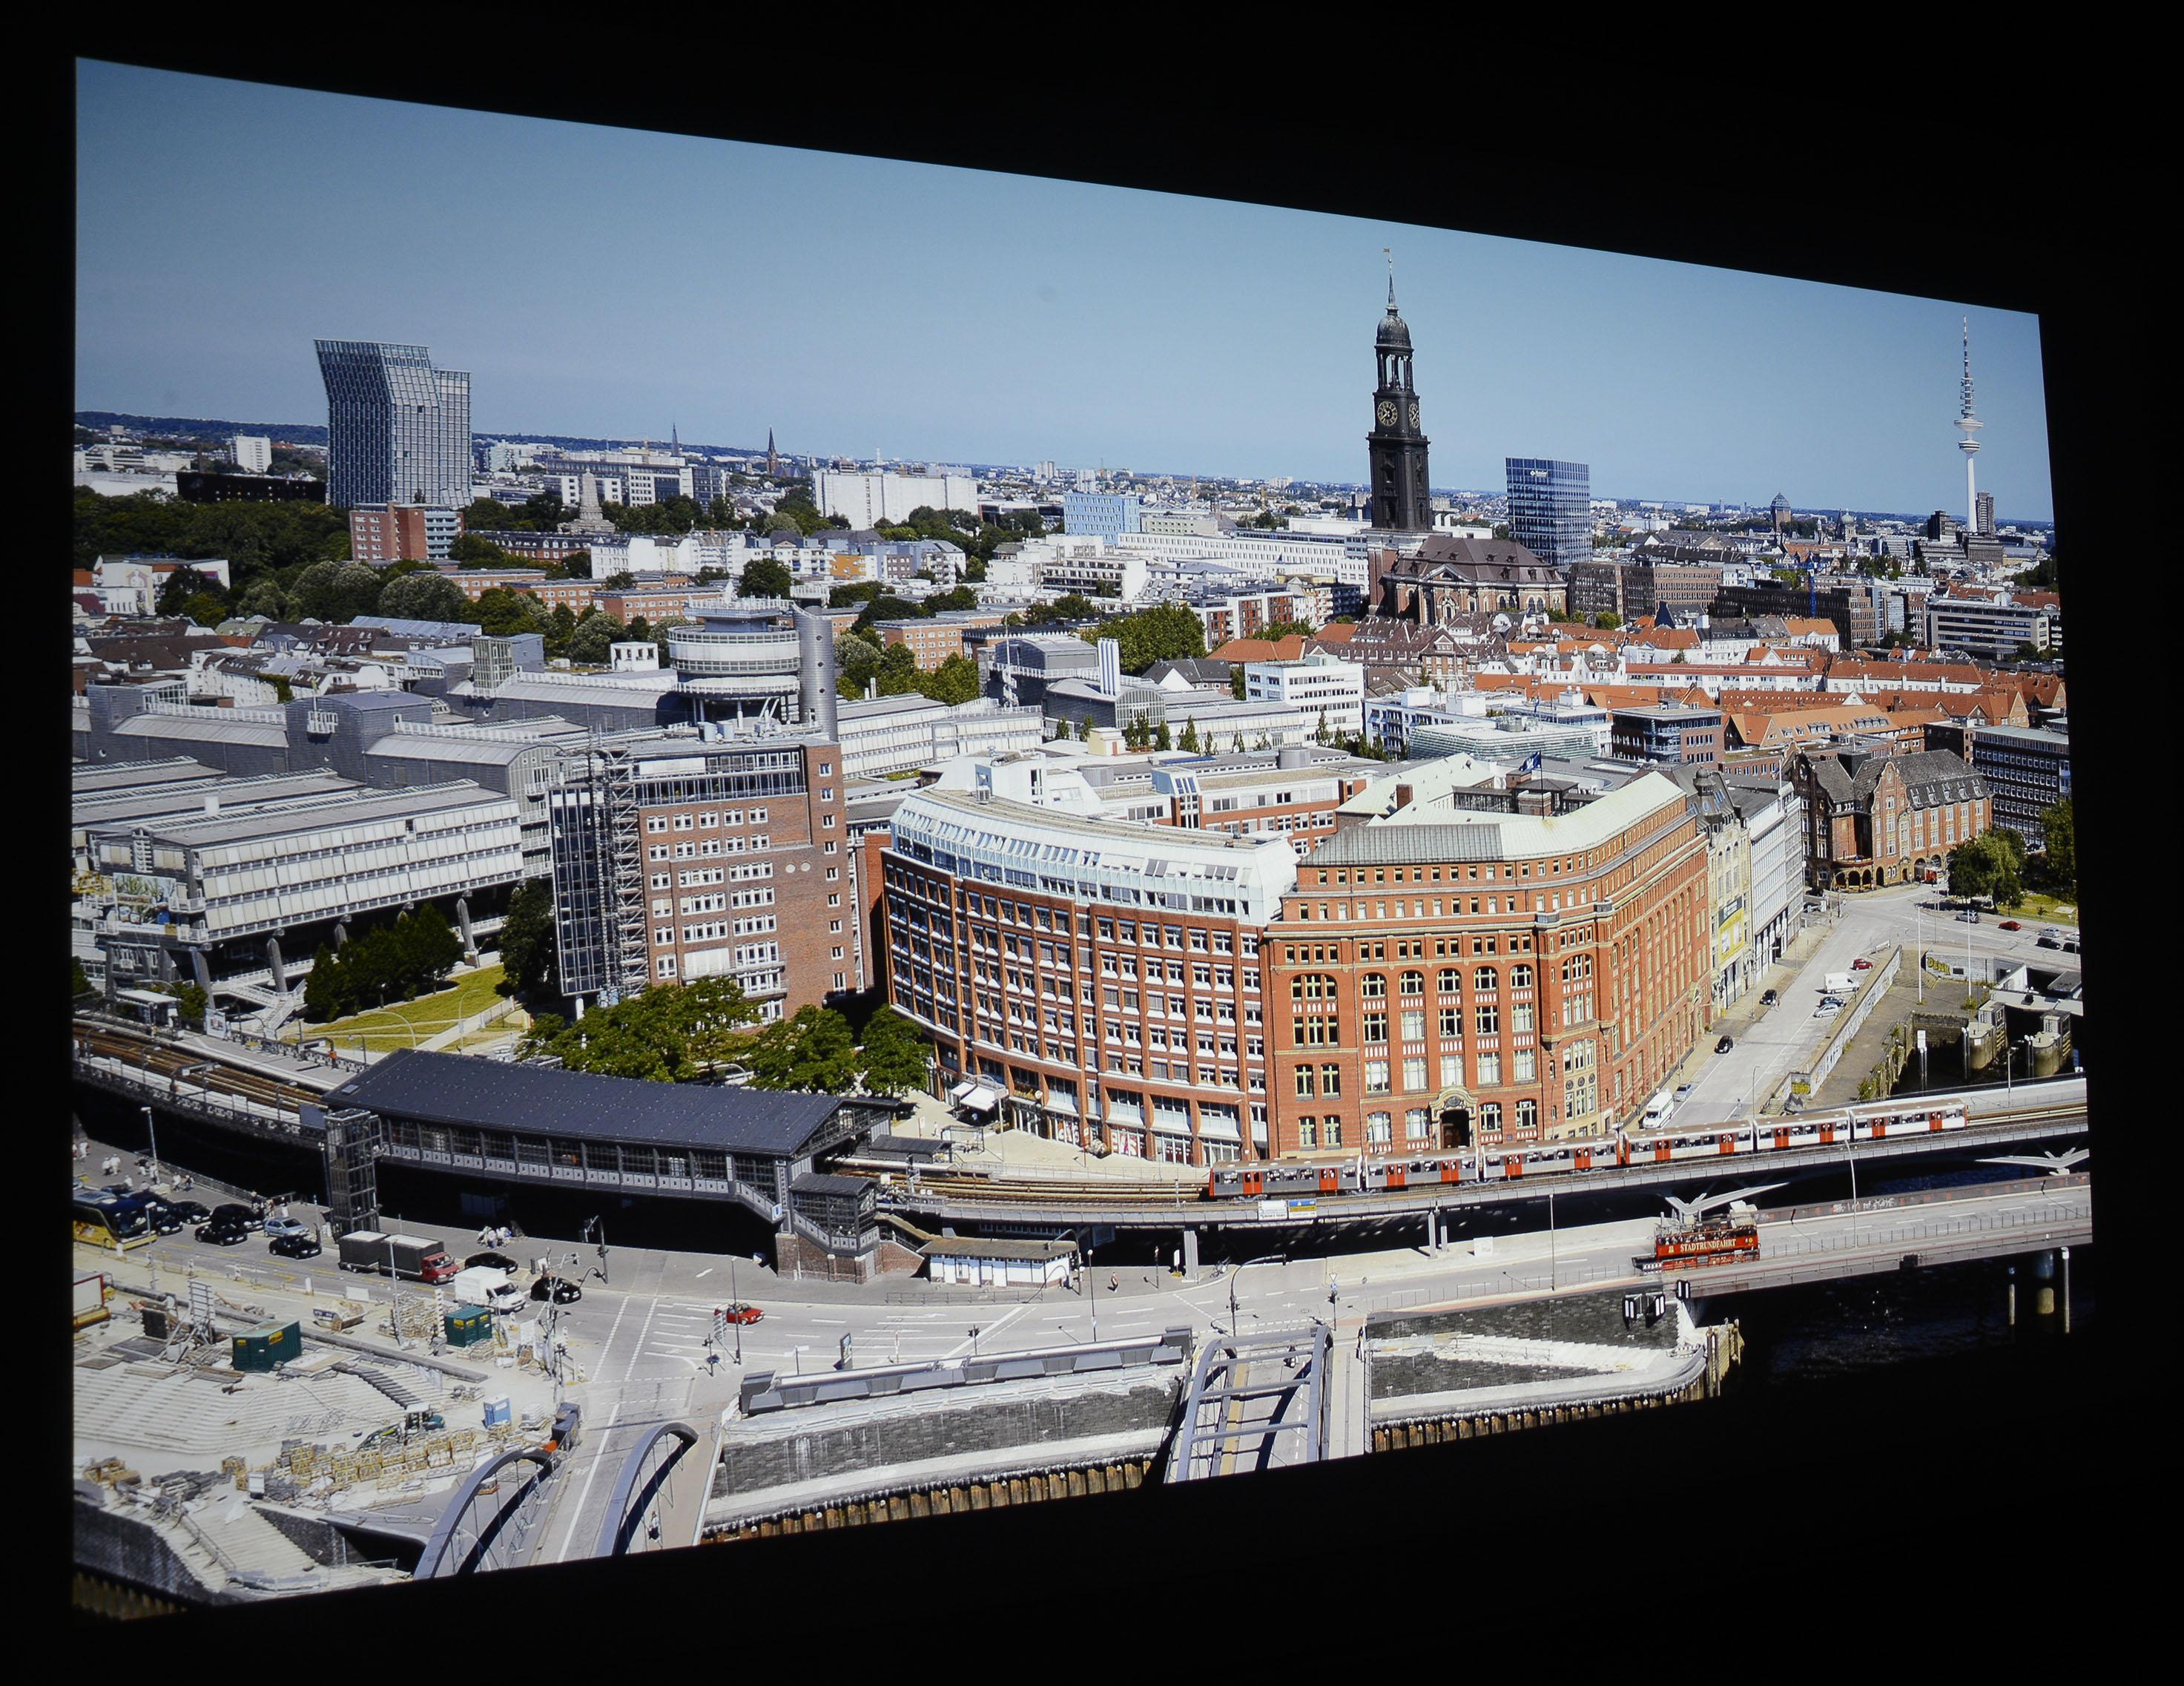 Foto: Michael B. Rehders Meine Panoramaaufnahme von Hamburg sieht sowohl im dedizierten Heimkino als auch im Wohnzimmer mit leichtem Tageslichteinfall prächtig aus.